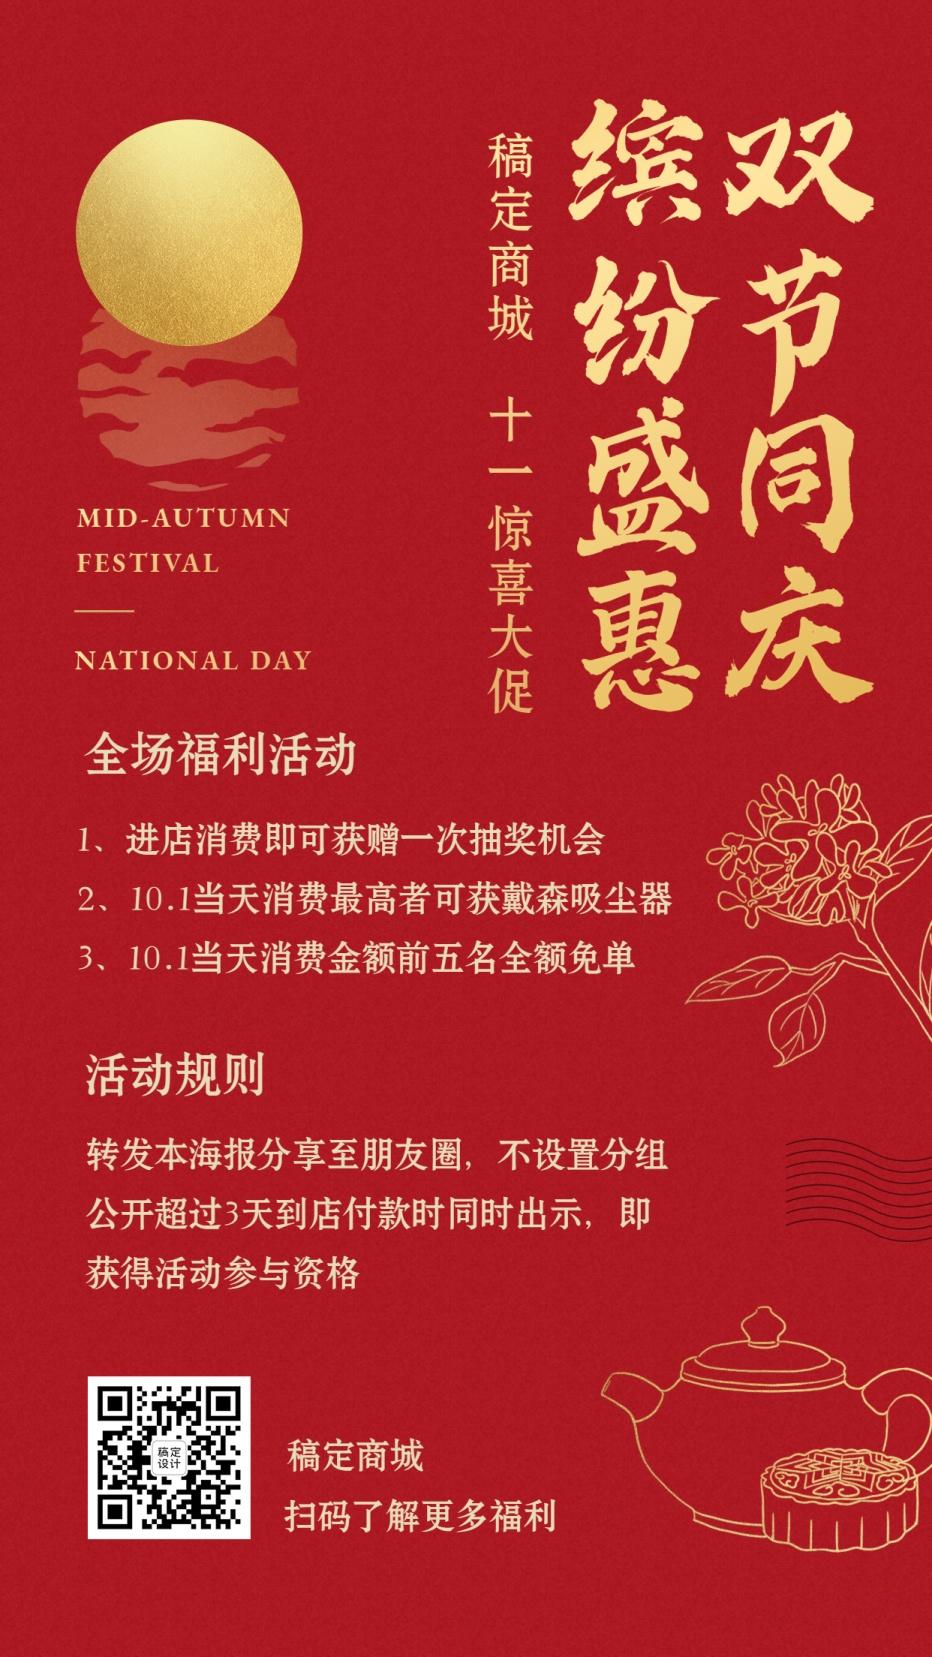 国庆中秋双节促销活动手机海报